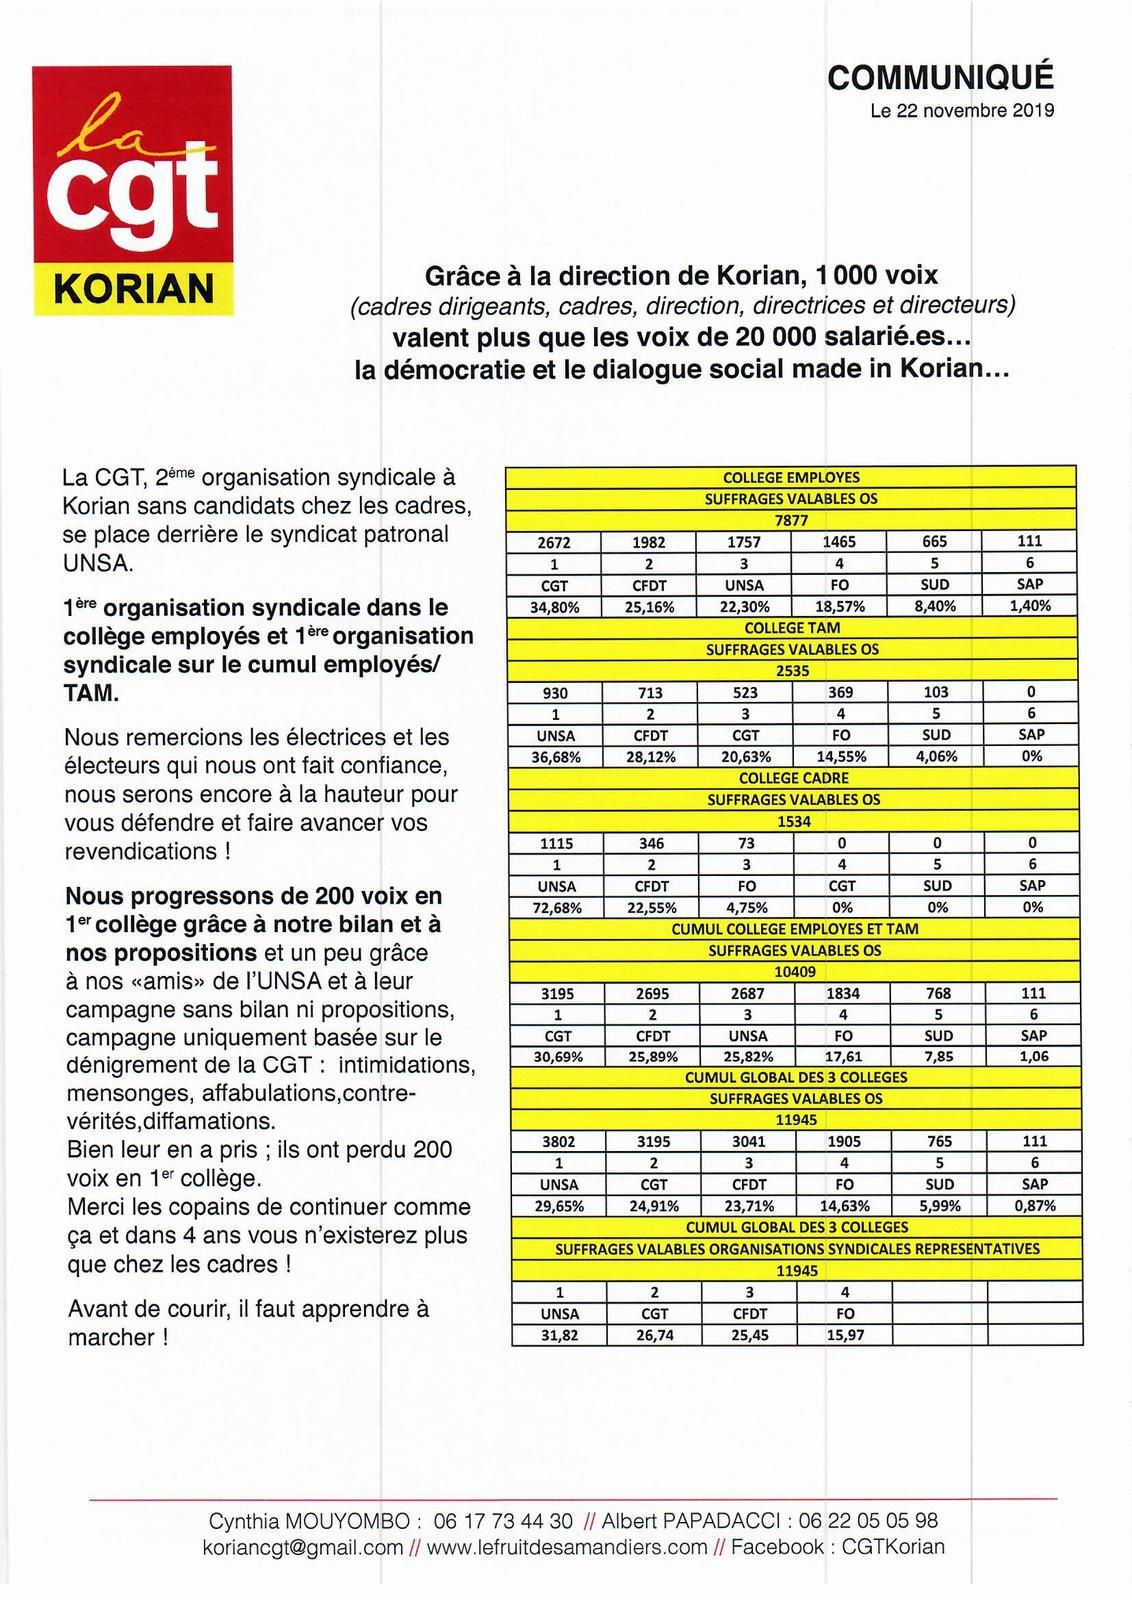 Communiqué élections CGT Korian: Grâce à la direction de Korian, 1 000 voix (cadres dirigeants, cadres, direction, directrices et directeurs) valent plus que les voix de 20 000 salarié.es… la démocratie et le dialogue social made in Korian…